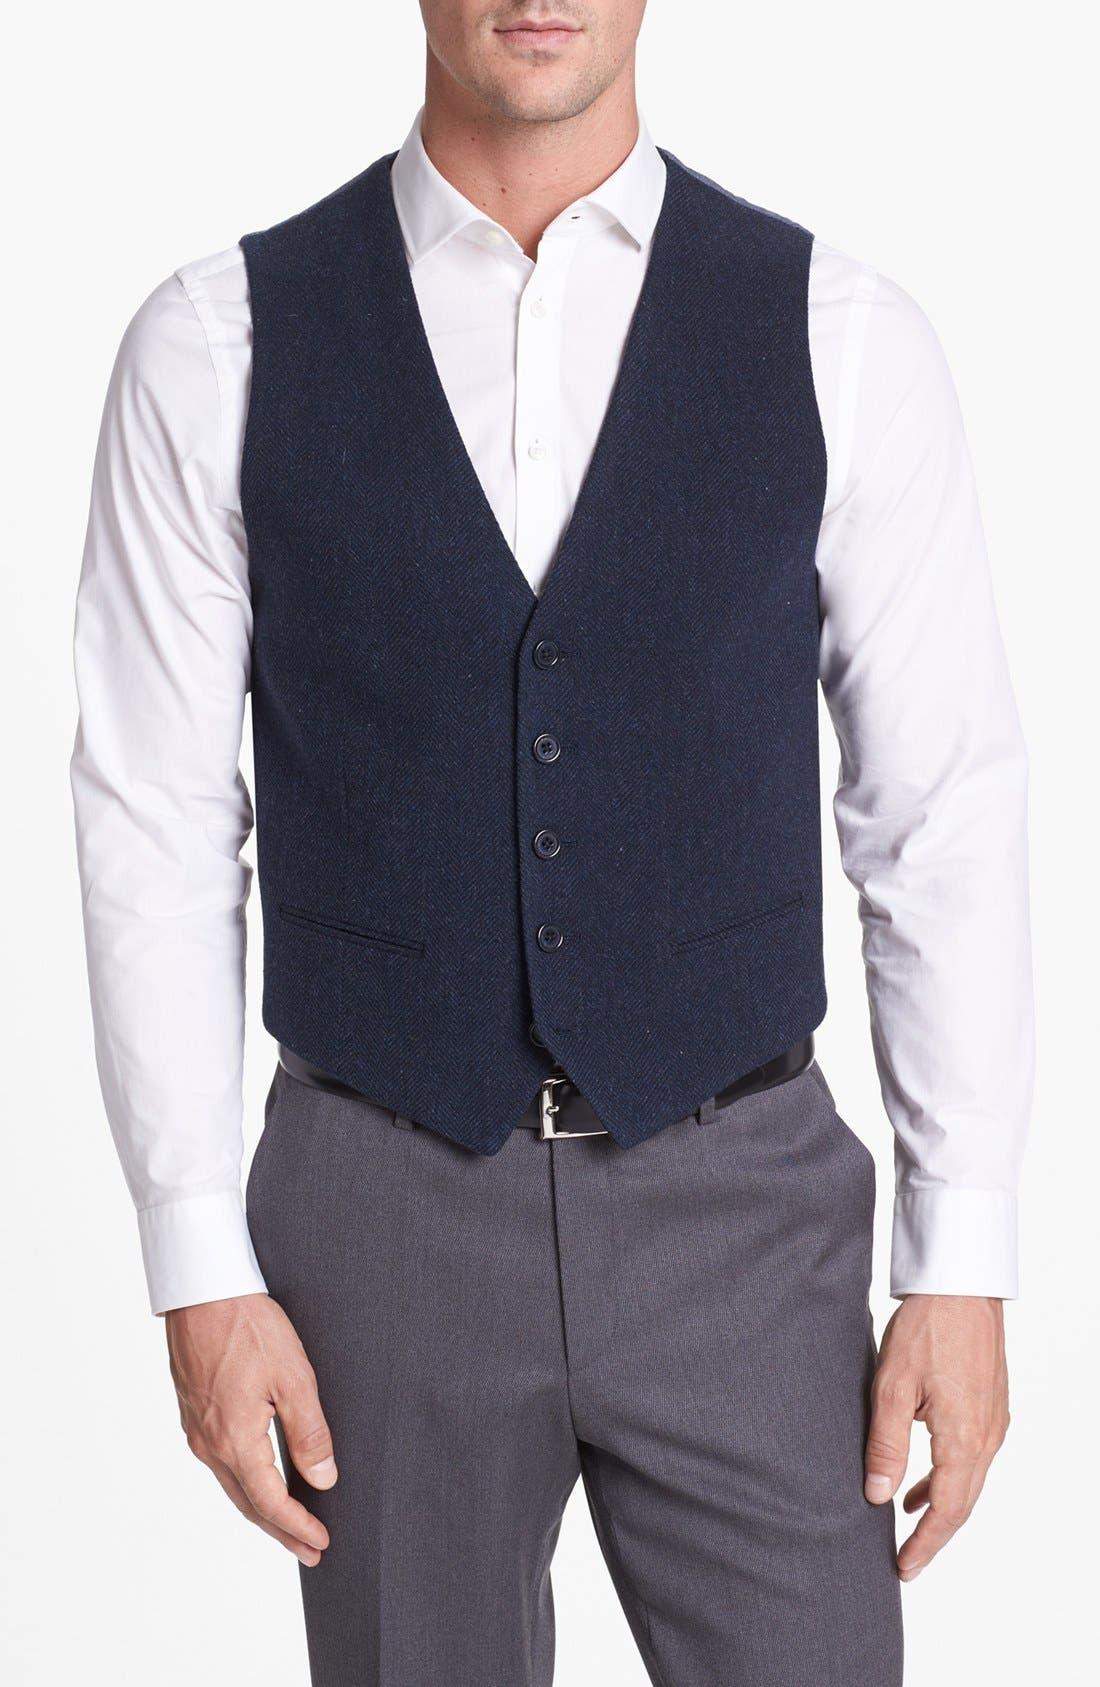 Alternate Image 1 Selected - Wallin & Bros. Herringbone Vest